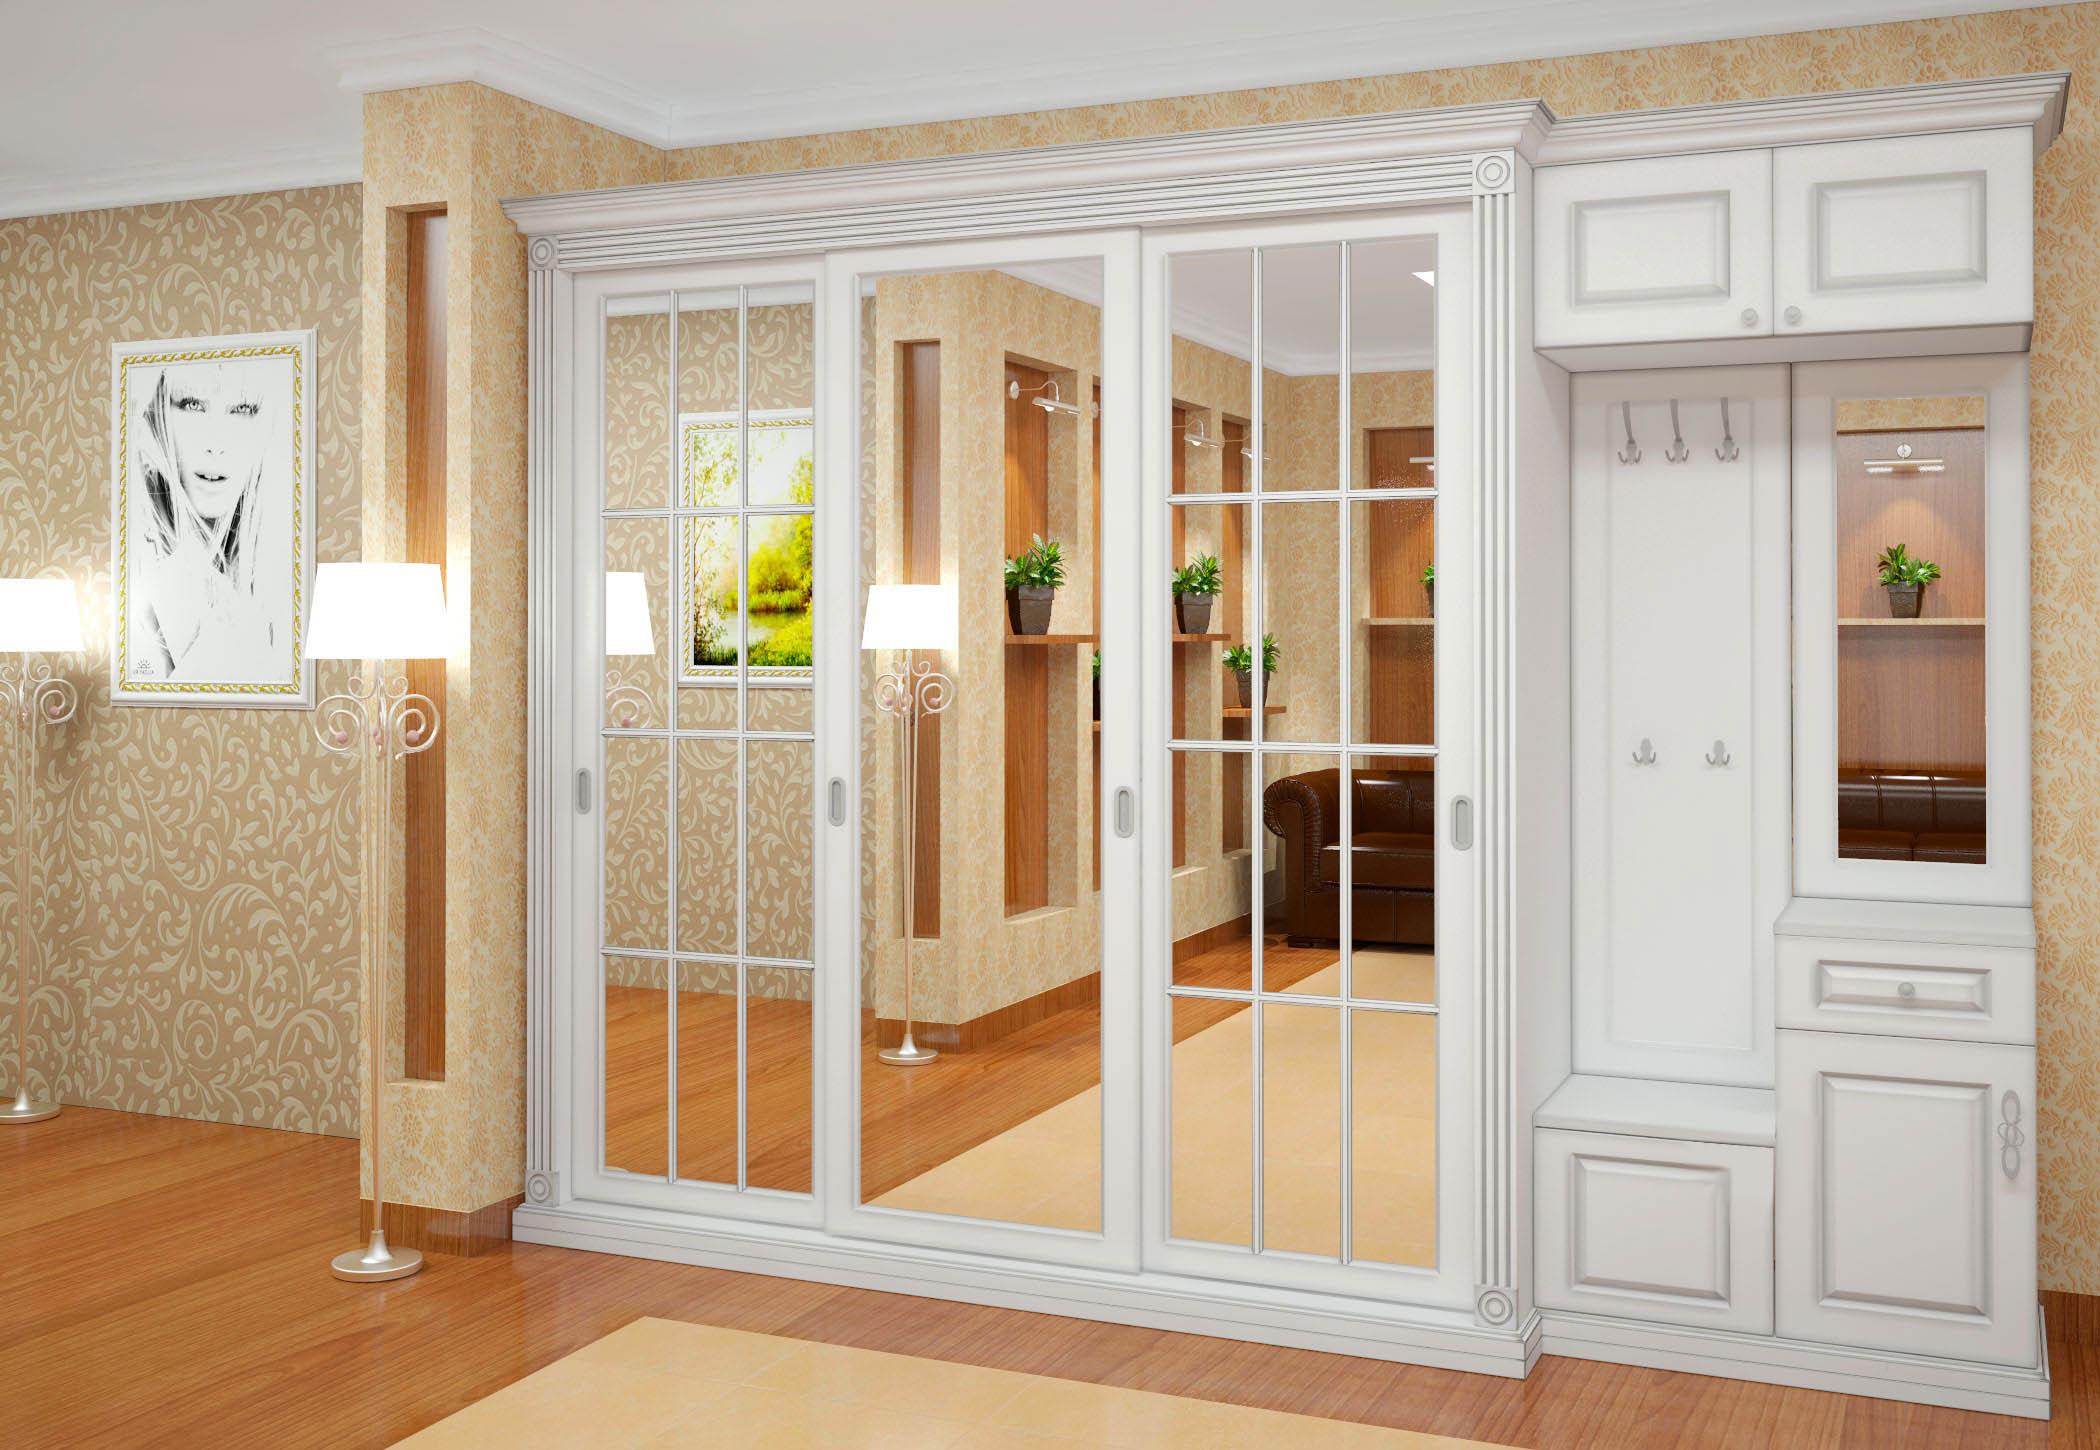 Красивые шкафы, способы декорирования фасада и варианты подс.